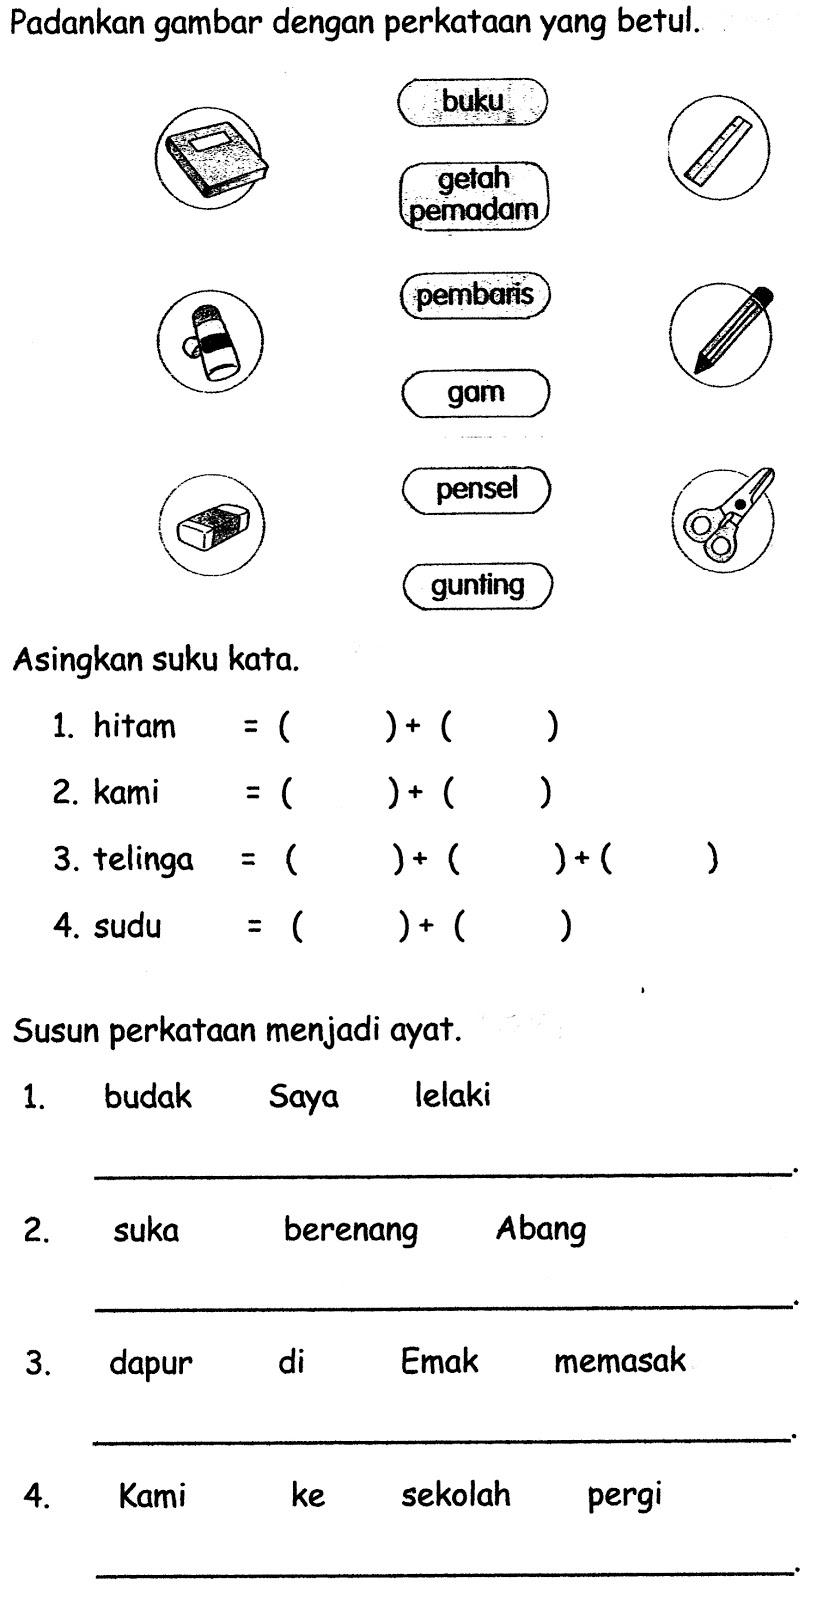 image Pembantu rumah di malaysia